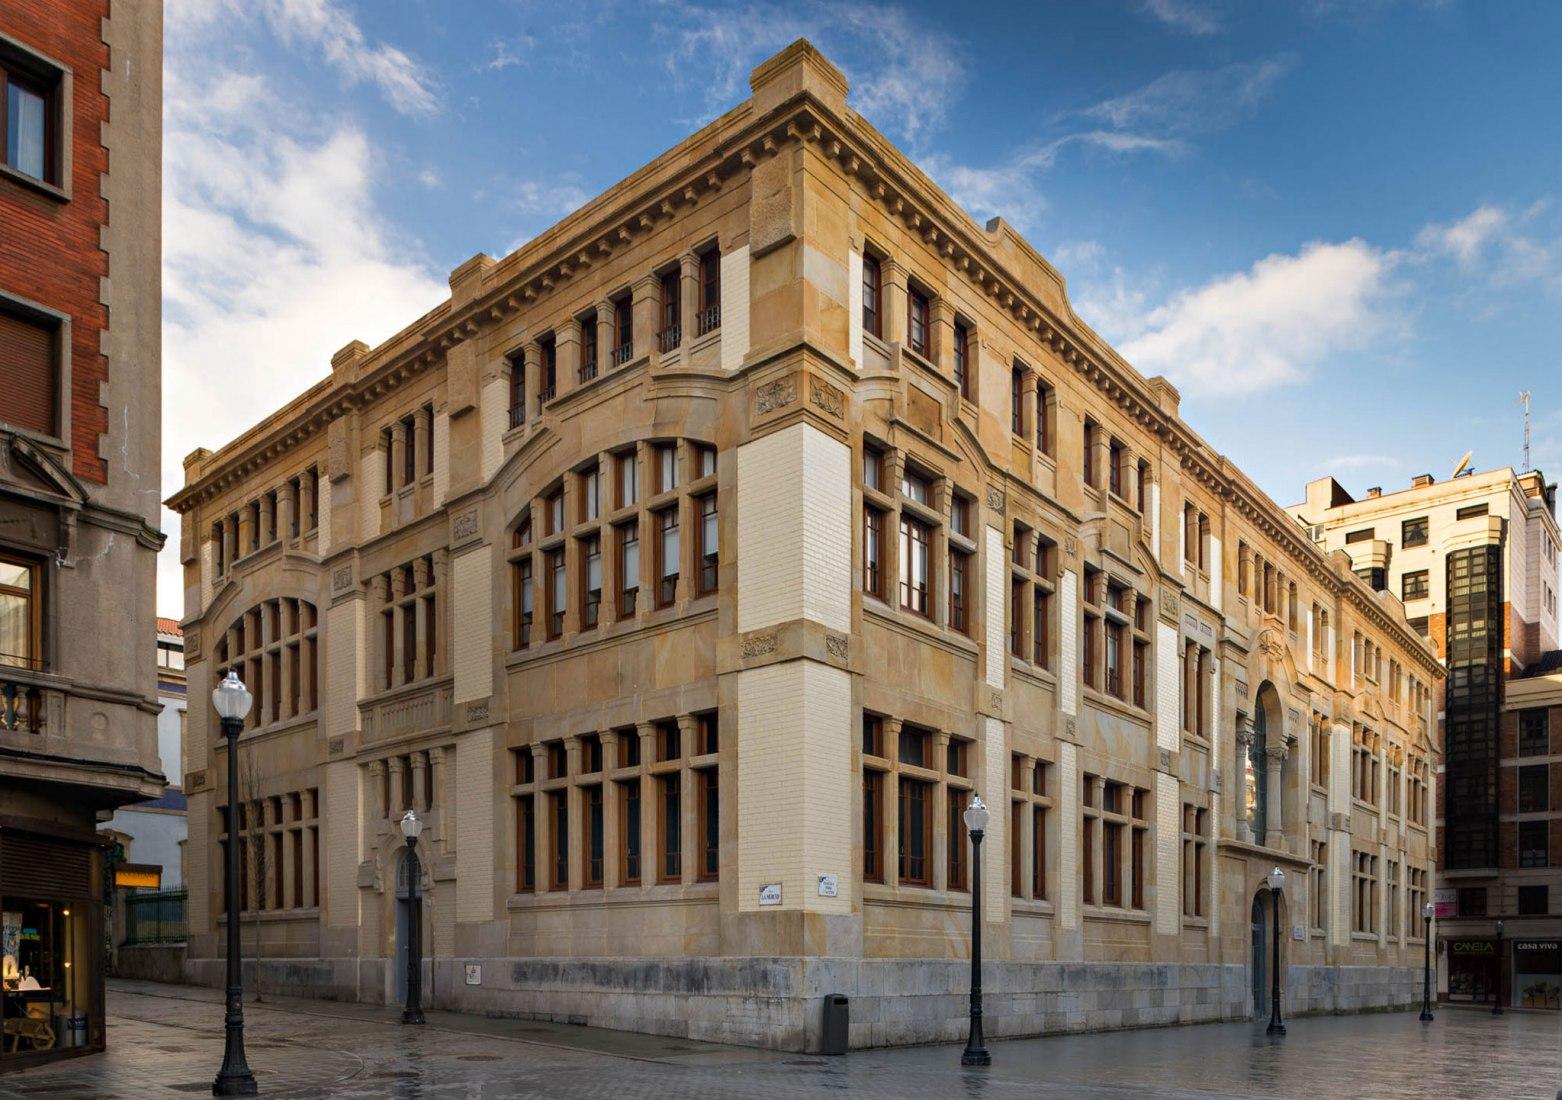 Rehabilitación de la Antigua Escuela de Comercio de Gijón por Ruiz+Nicieza Arquitectos. Fotografía por Alejandro Braña